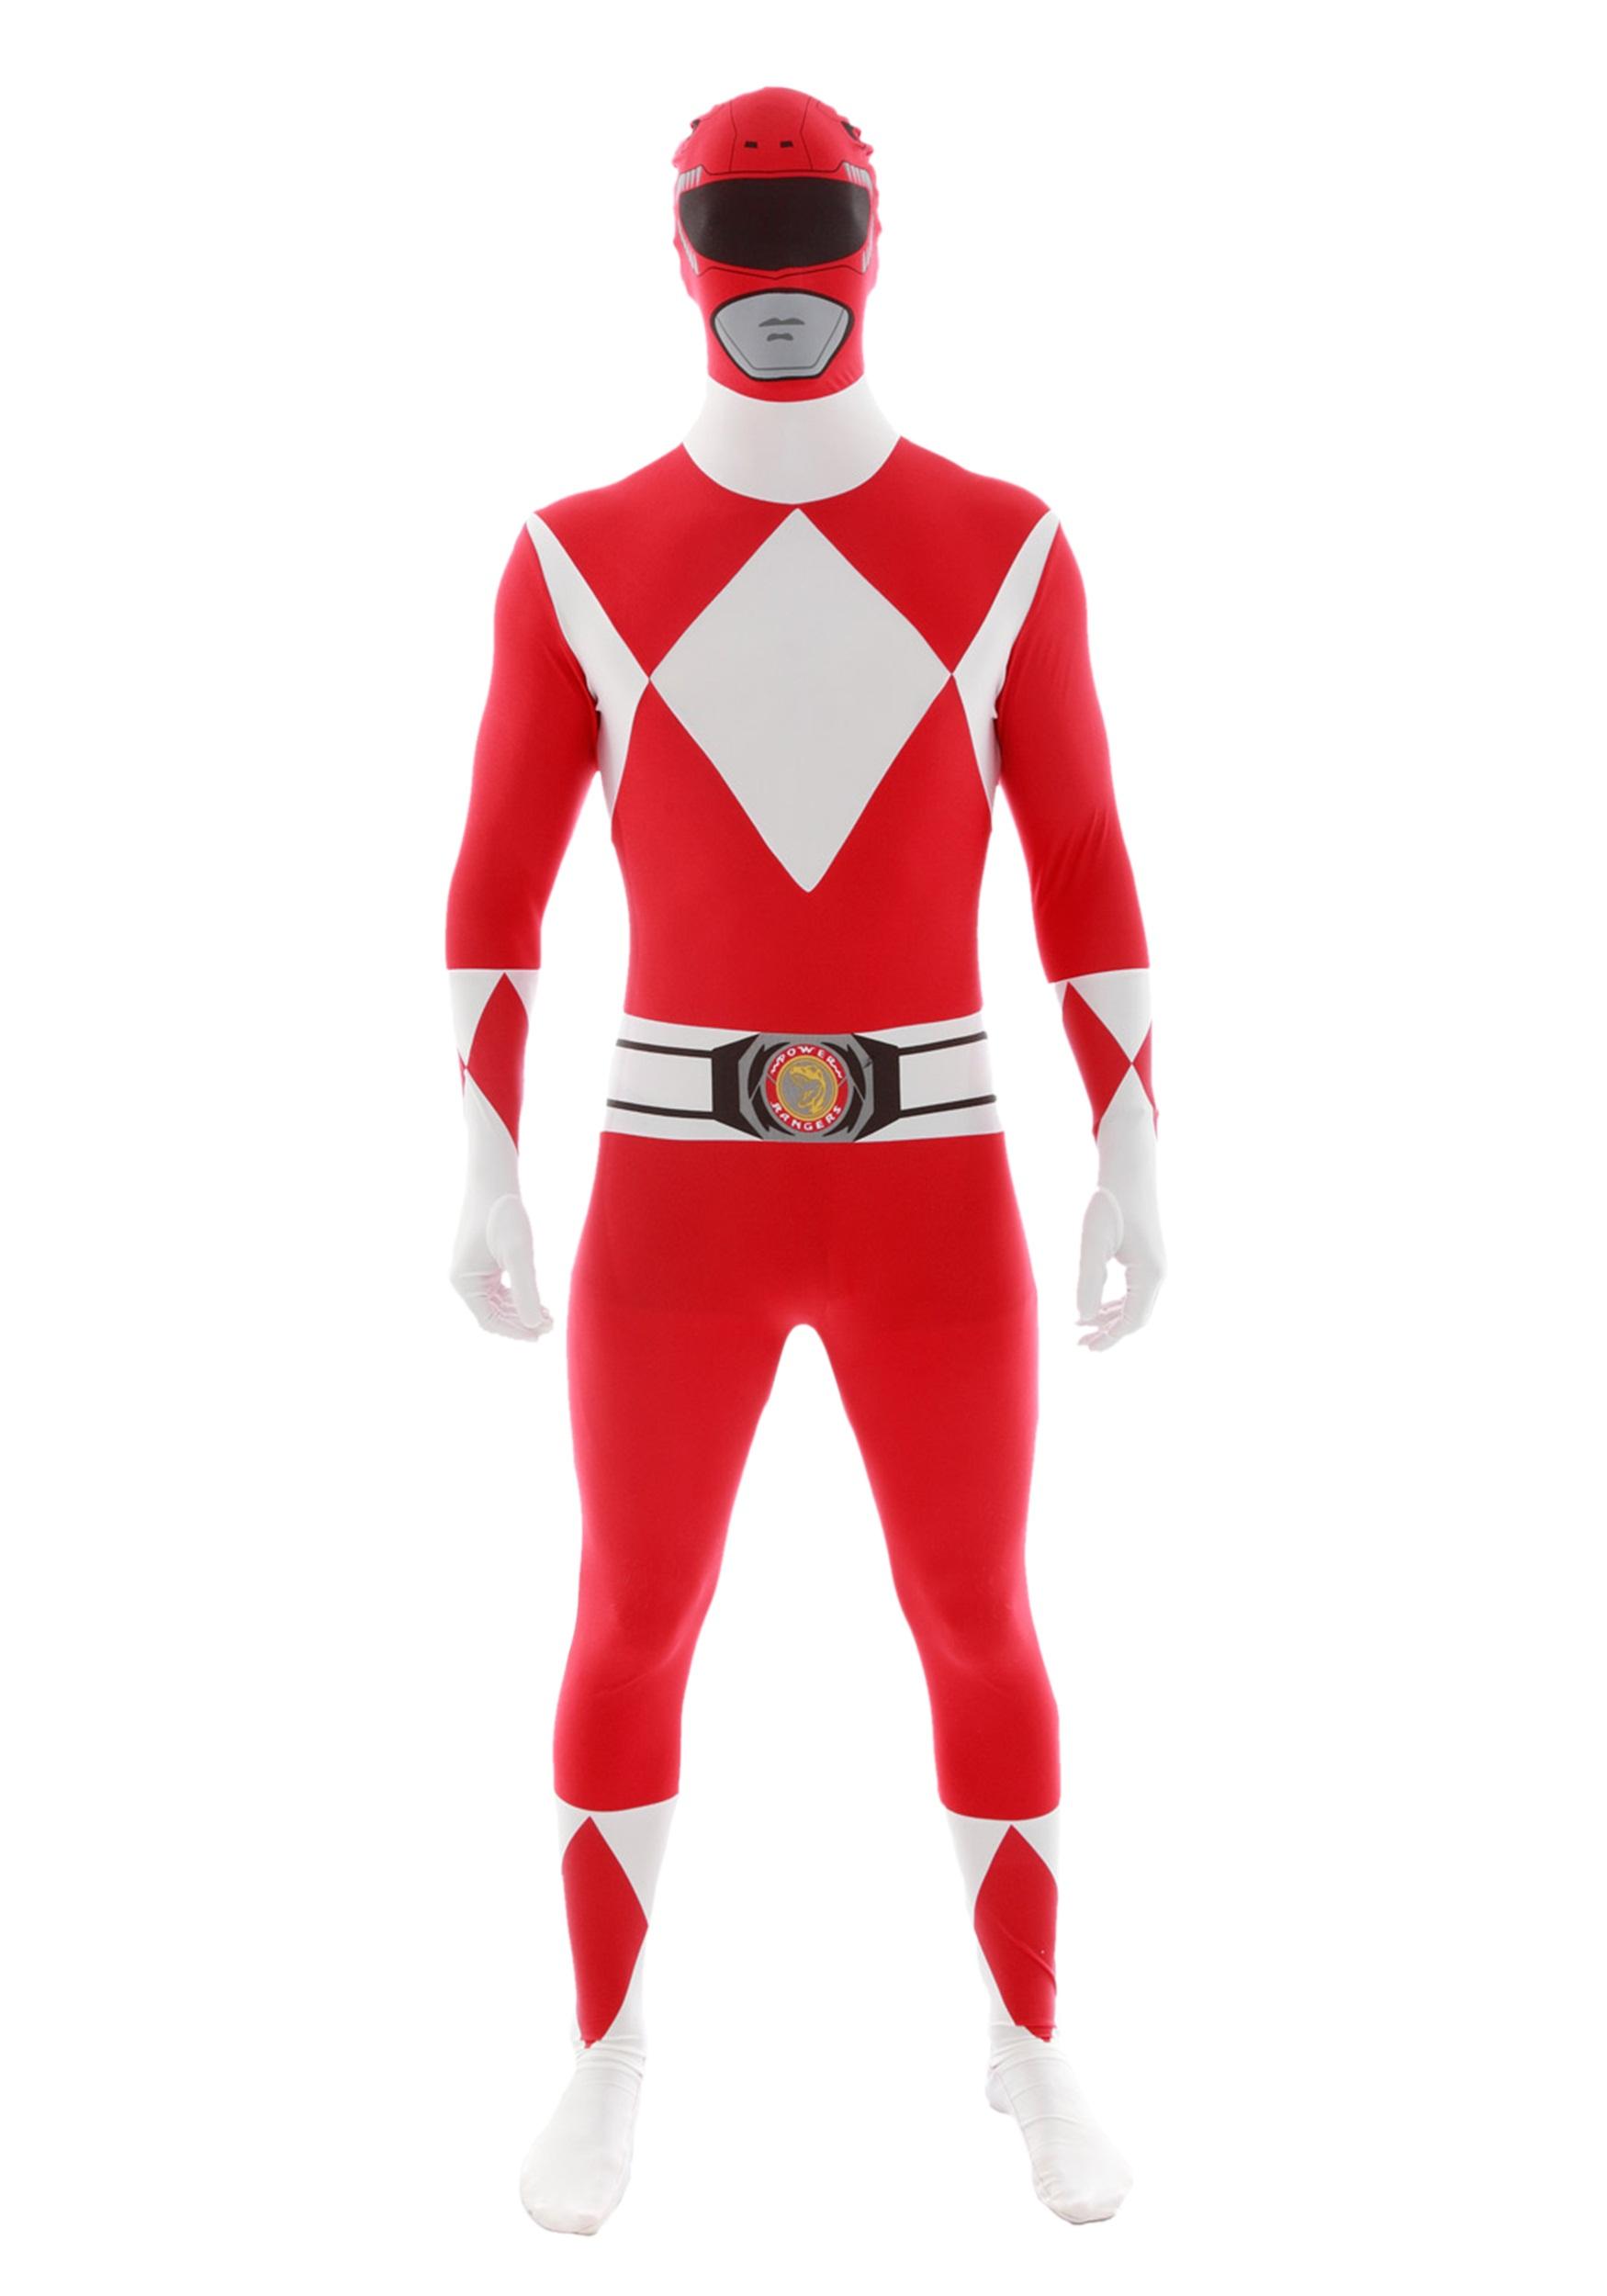 Power Rangers: Red Ranger Morphsuit MPMLPRRM